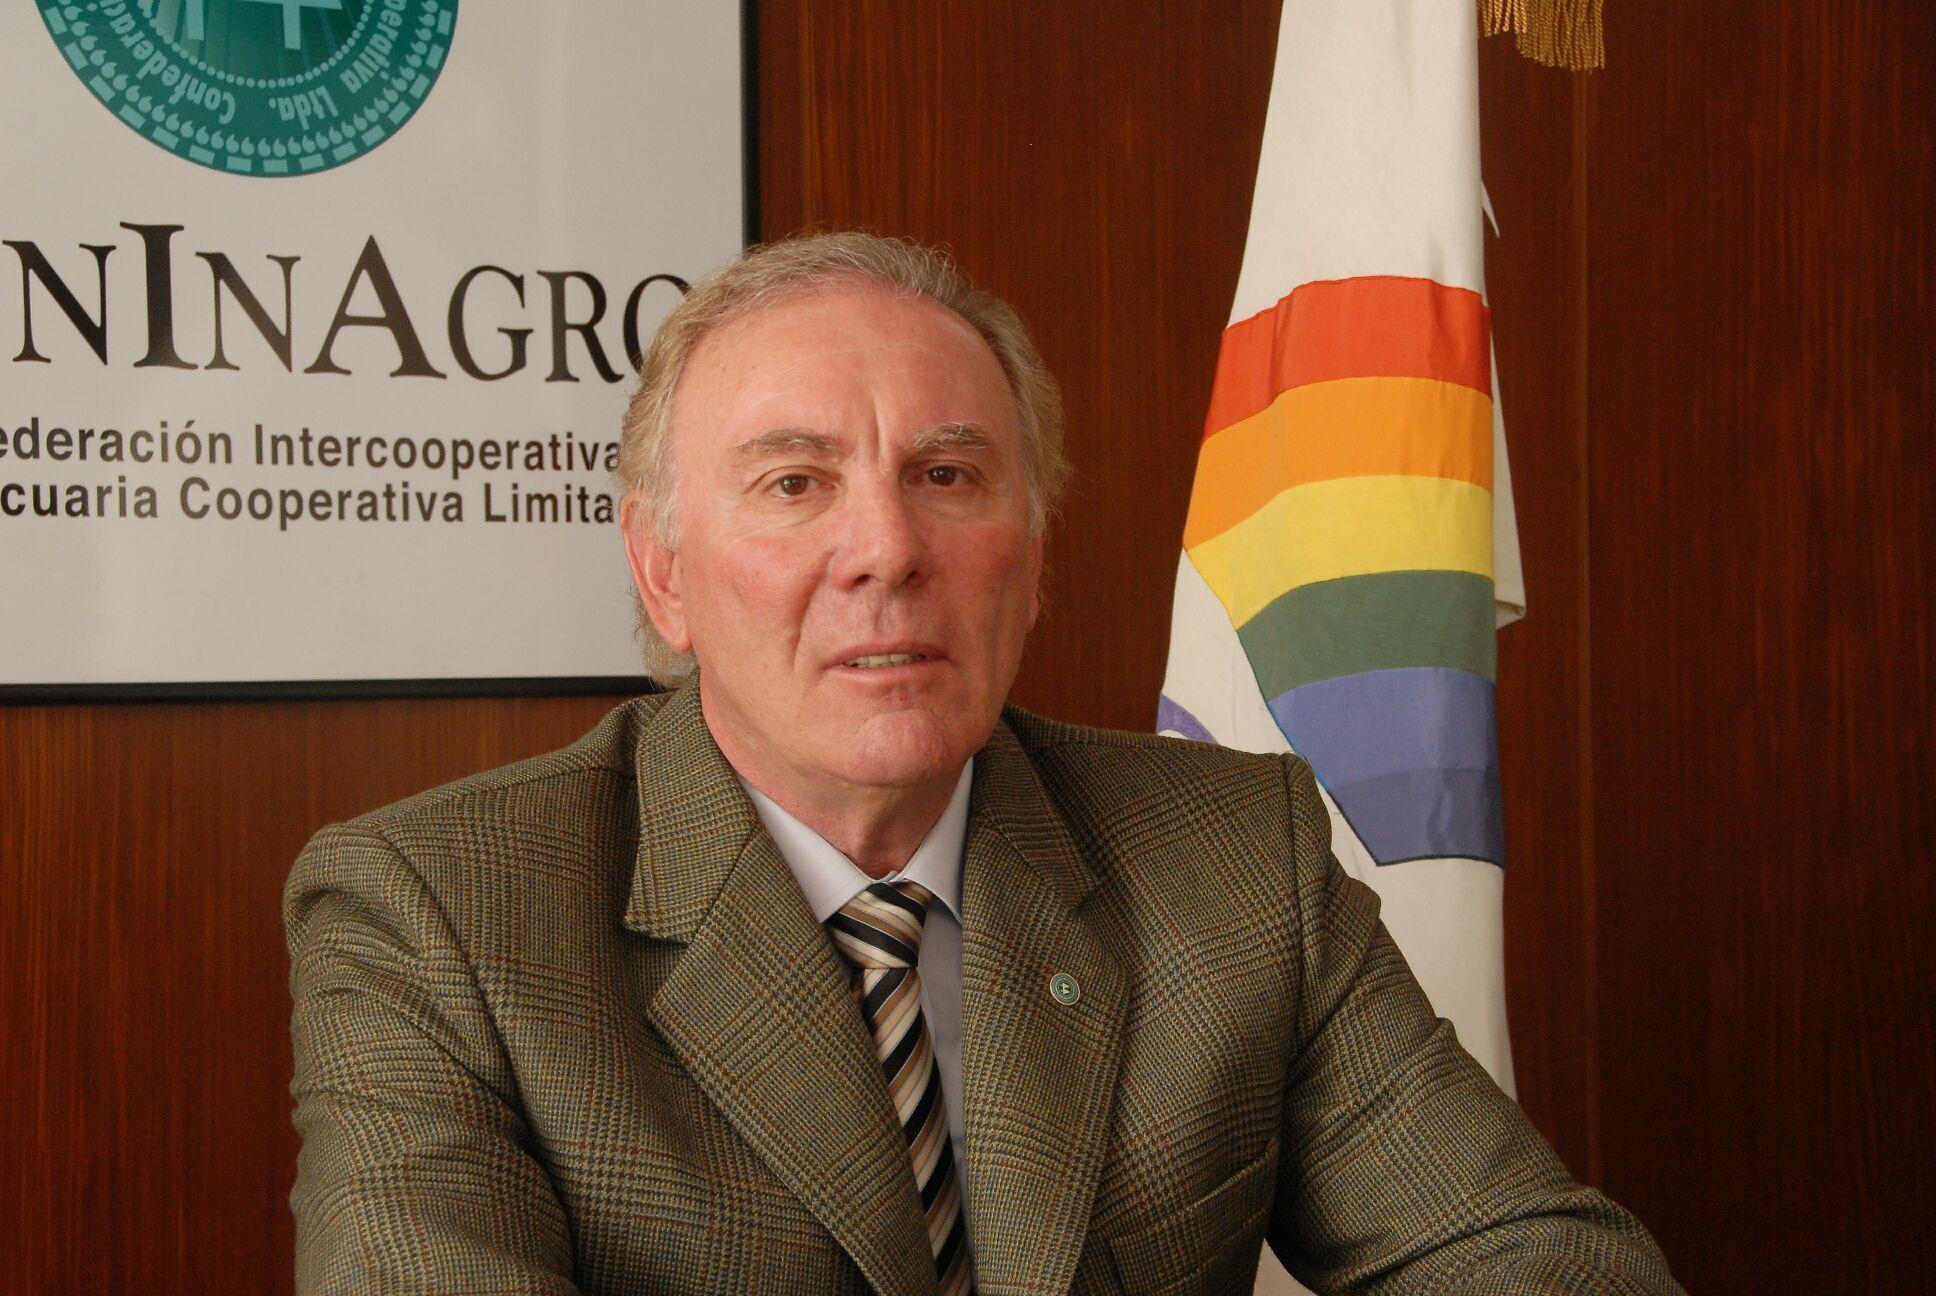 Carlos Garetto